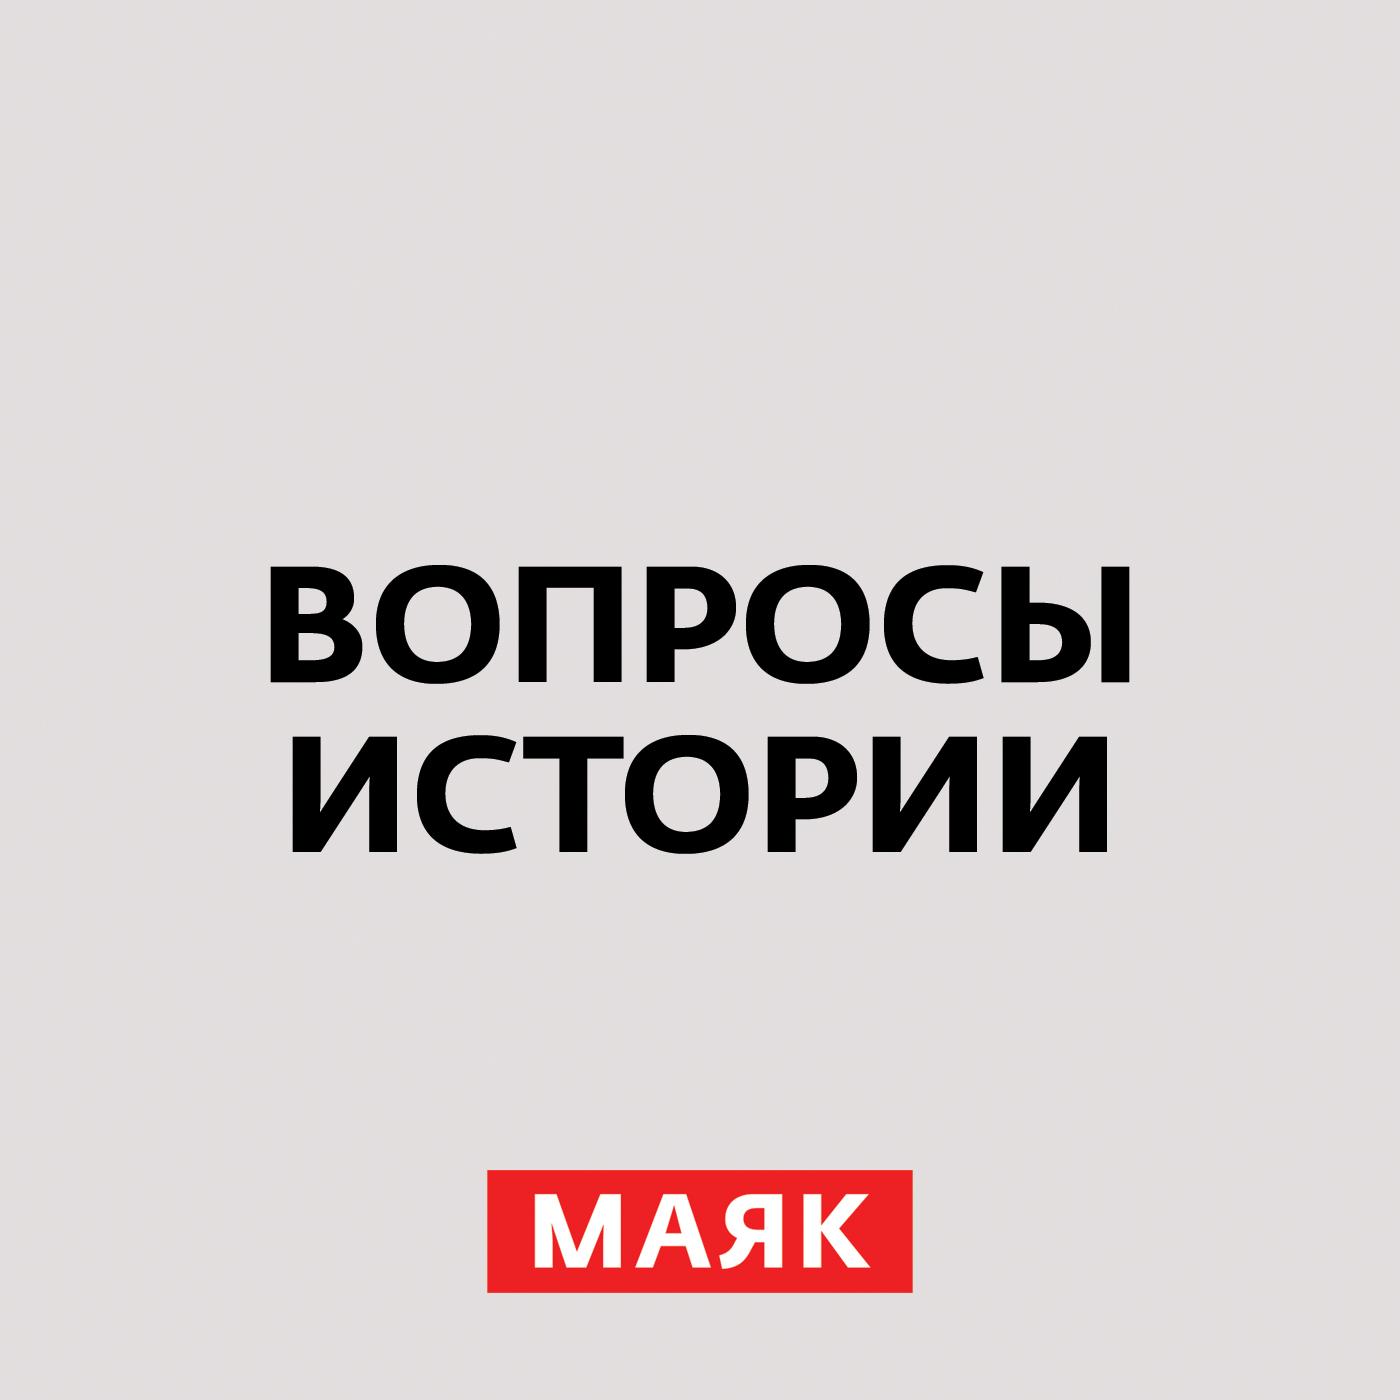 Андрей Светенко Война – это хлыст научно-технического прогресса андрей светенко при хрущёве люди освободились от страха